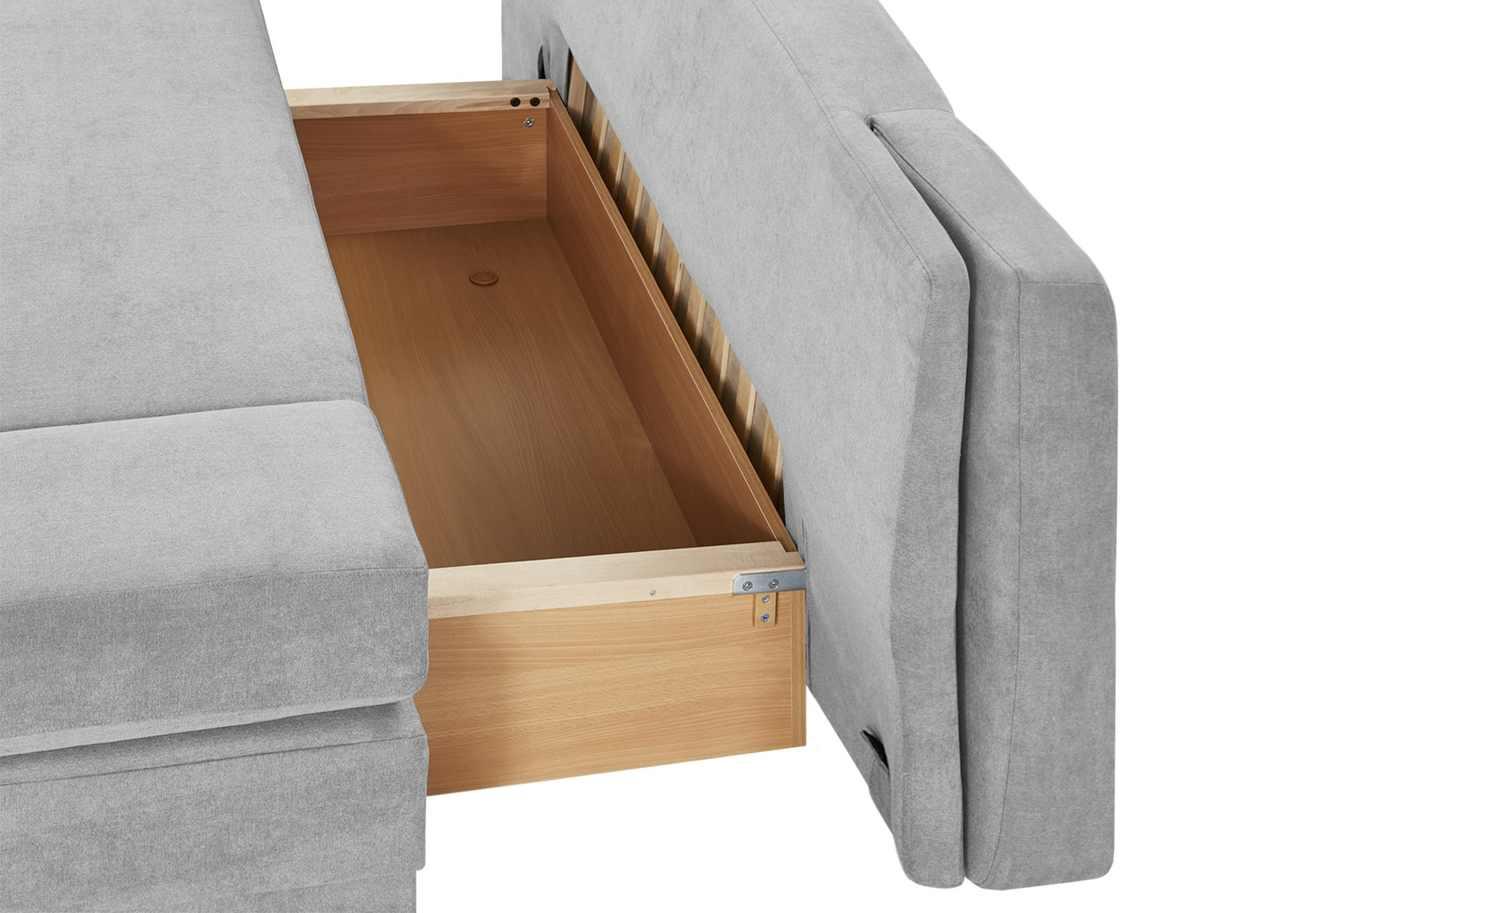 Full Size of Ikea Bett Ausklappbar Mit Stauraum 180x200 Zum Ausklappen Klappbar Wandbefestigung Ausklappbares Selber Bauen Doppelbett Sofa Wand Schrank Smart Schlafsofa Bett Bett Ausklappbar